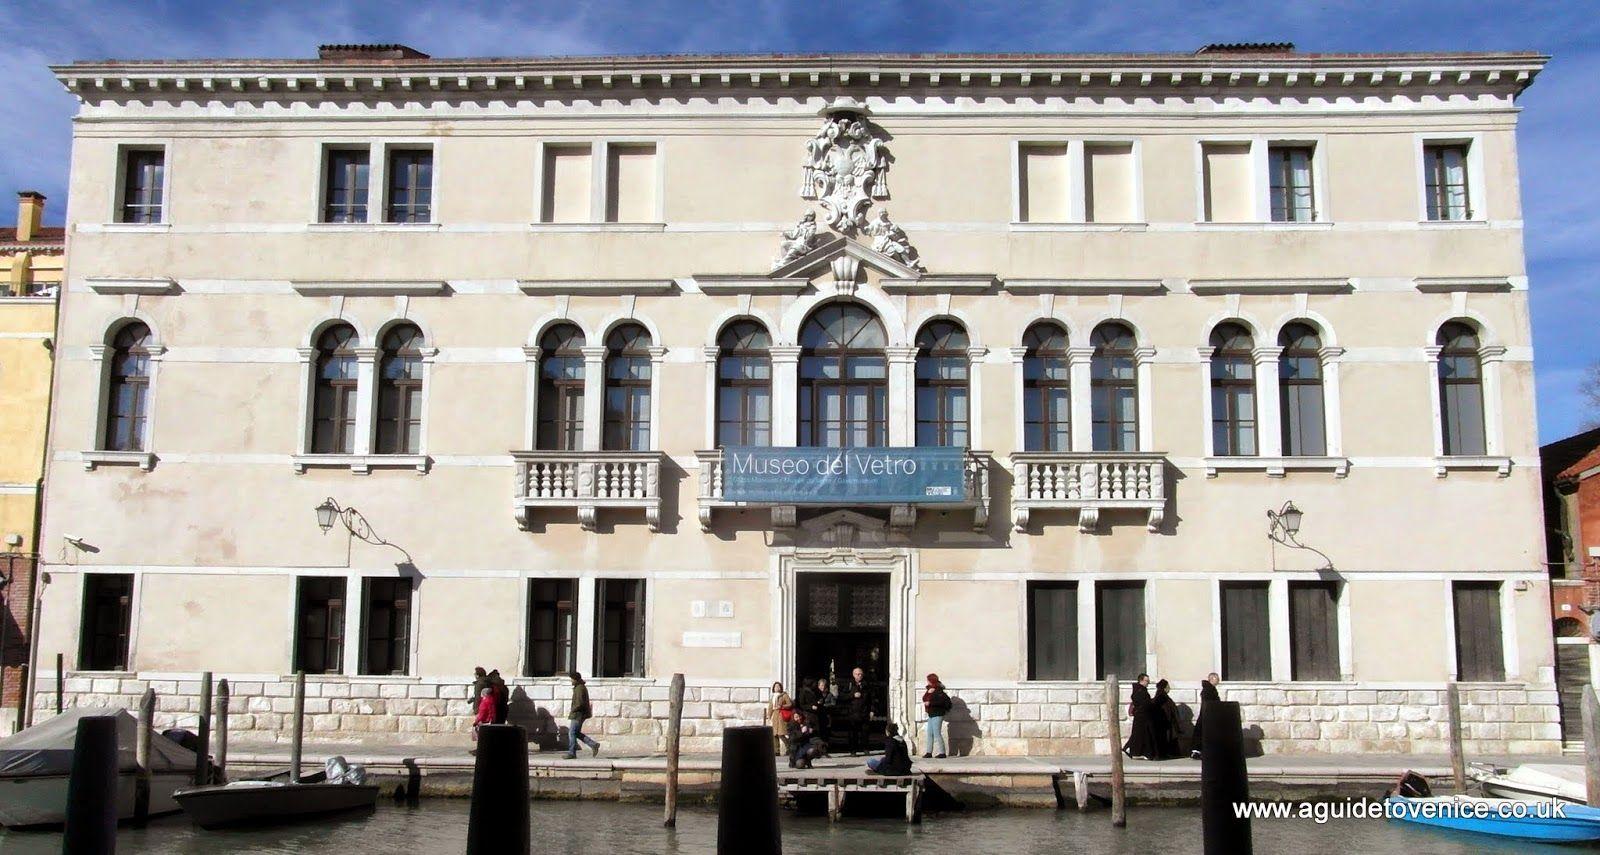 Museo Del Vetro Murano.Palazzo Giustiniani Museo Del Vetro Murano Murano Island